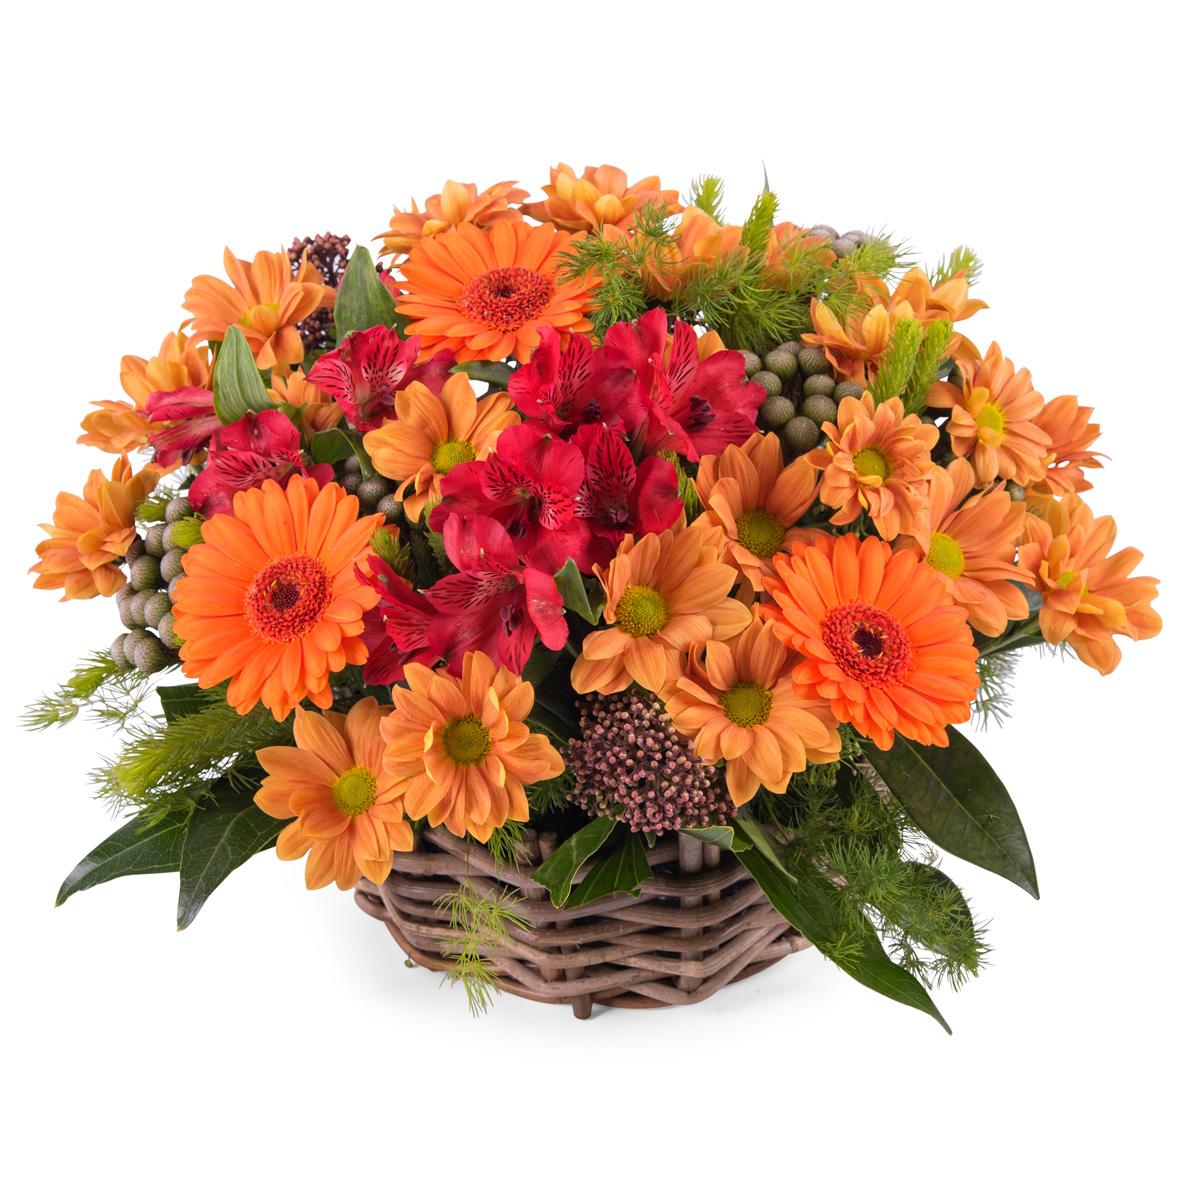 Arreglo en cesta de flor variada - Env?o de Flores a Domicilio